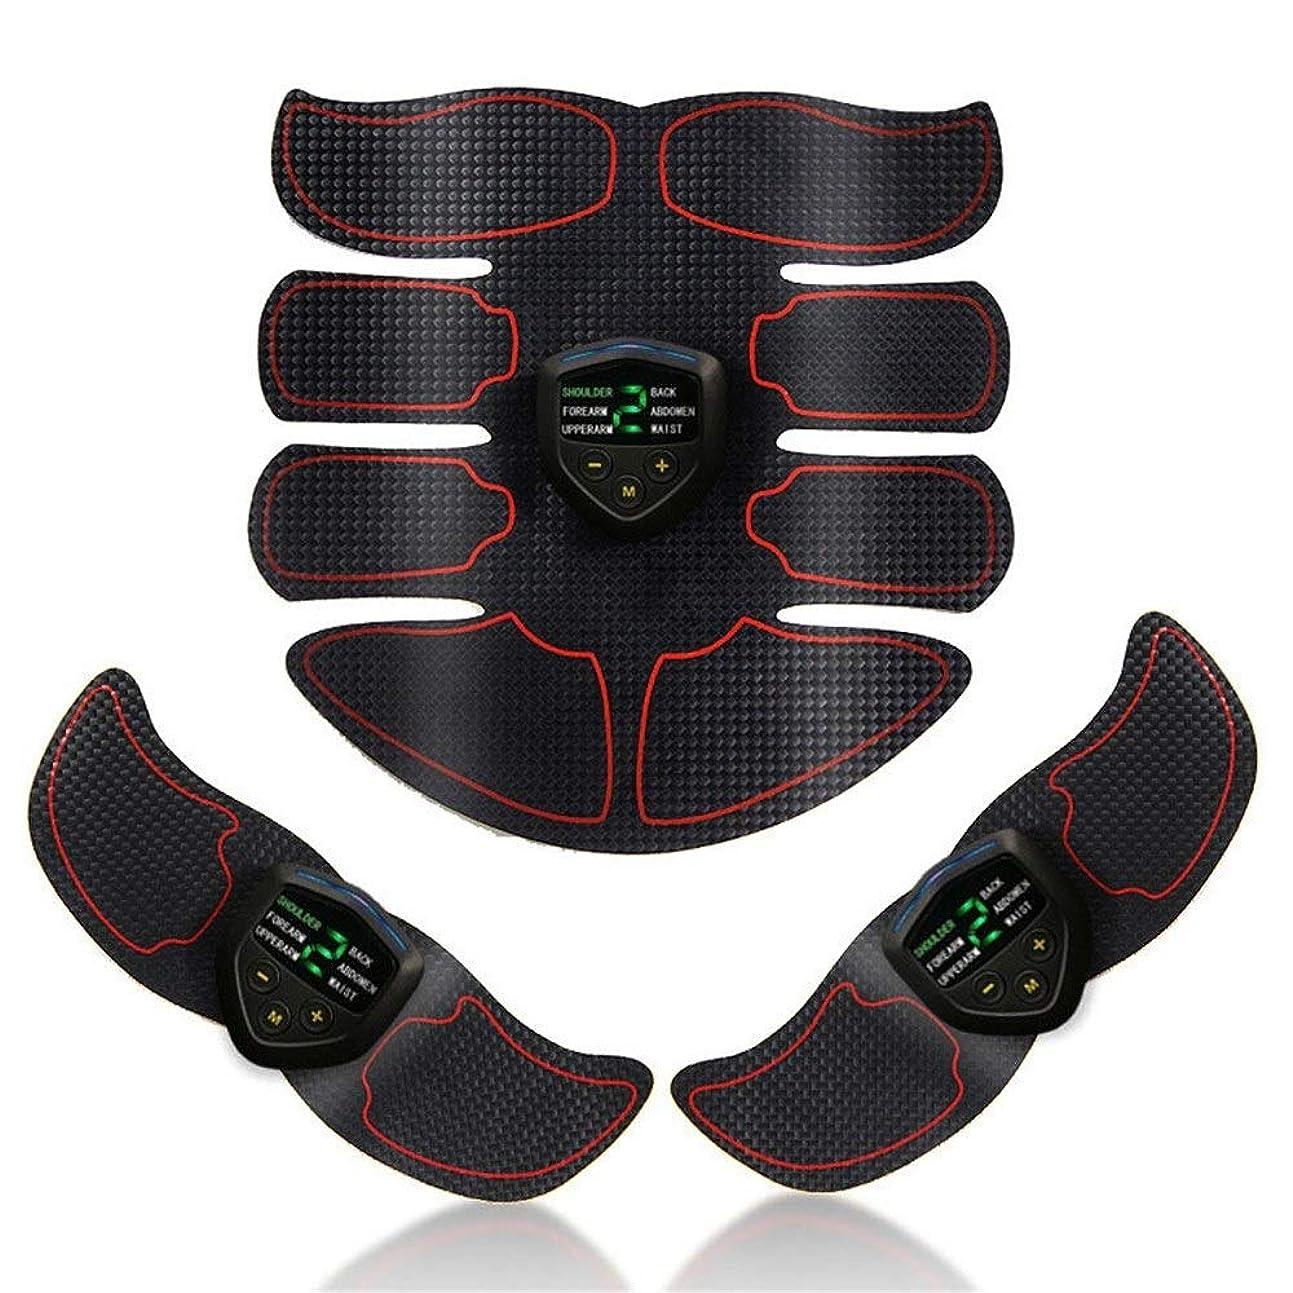 想像するハンマー出身地ABS刺激&筋肉トナー腹部調色ベルト&EMSボディ筋肉トレーナー脂肪バーナー機器6モード9グレード刺激強度ポータブルusb充電器 (Color : Plaid, Size : 2B+A)